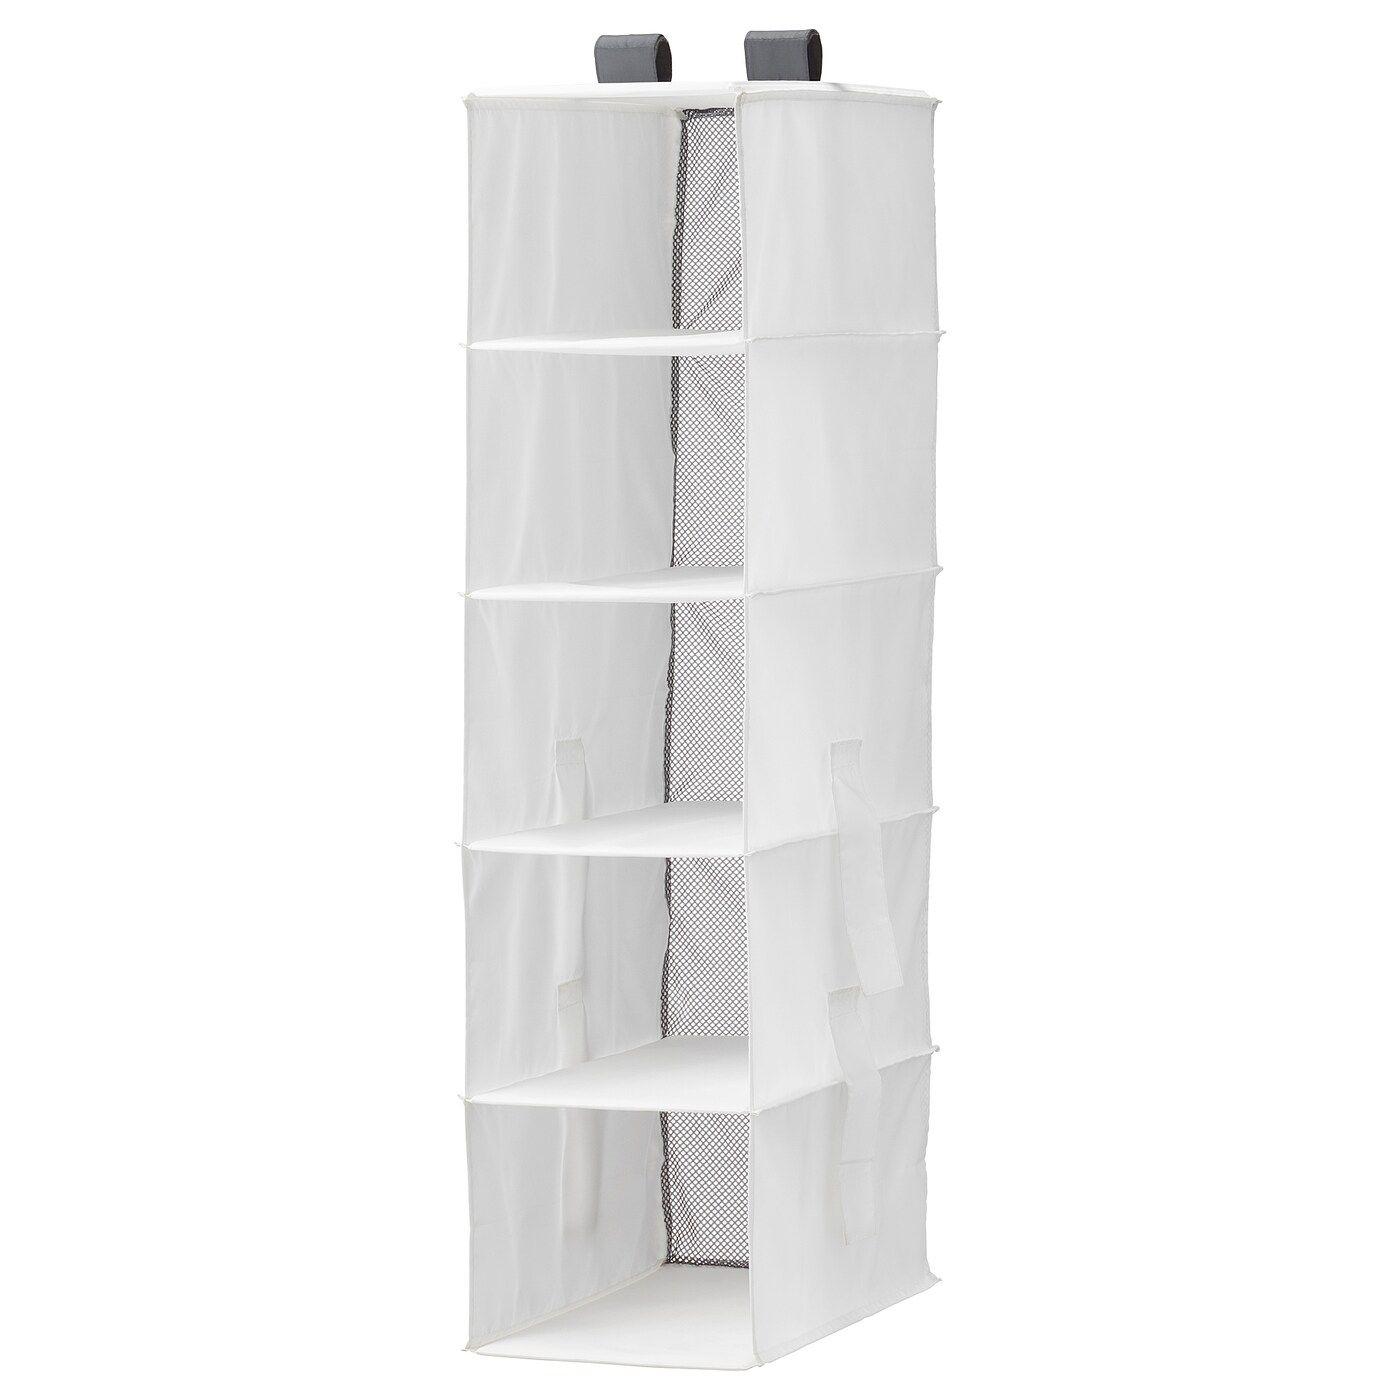 Rassla Organizador 5 Compartimentos In 2020 Ikea